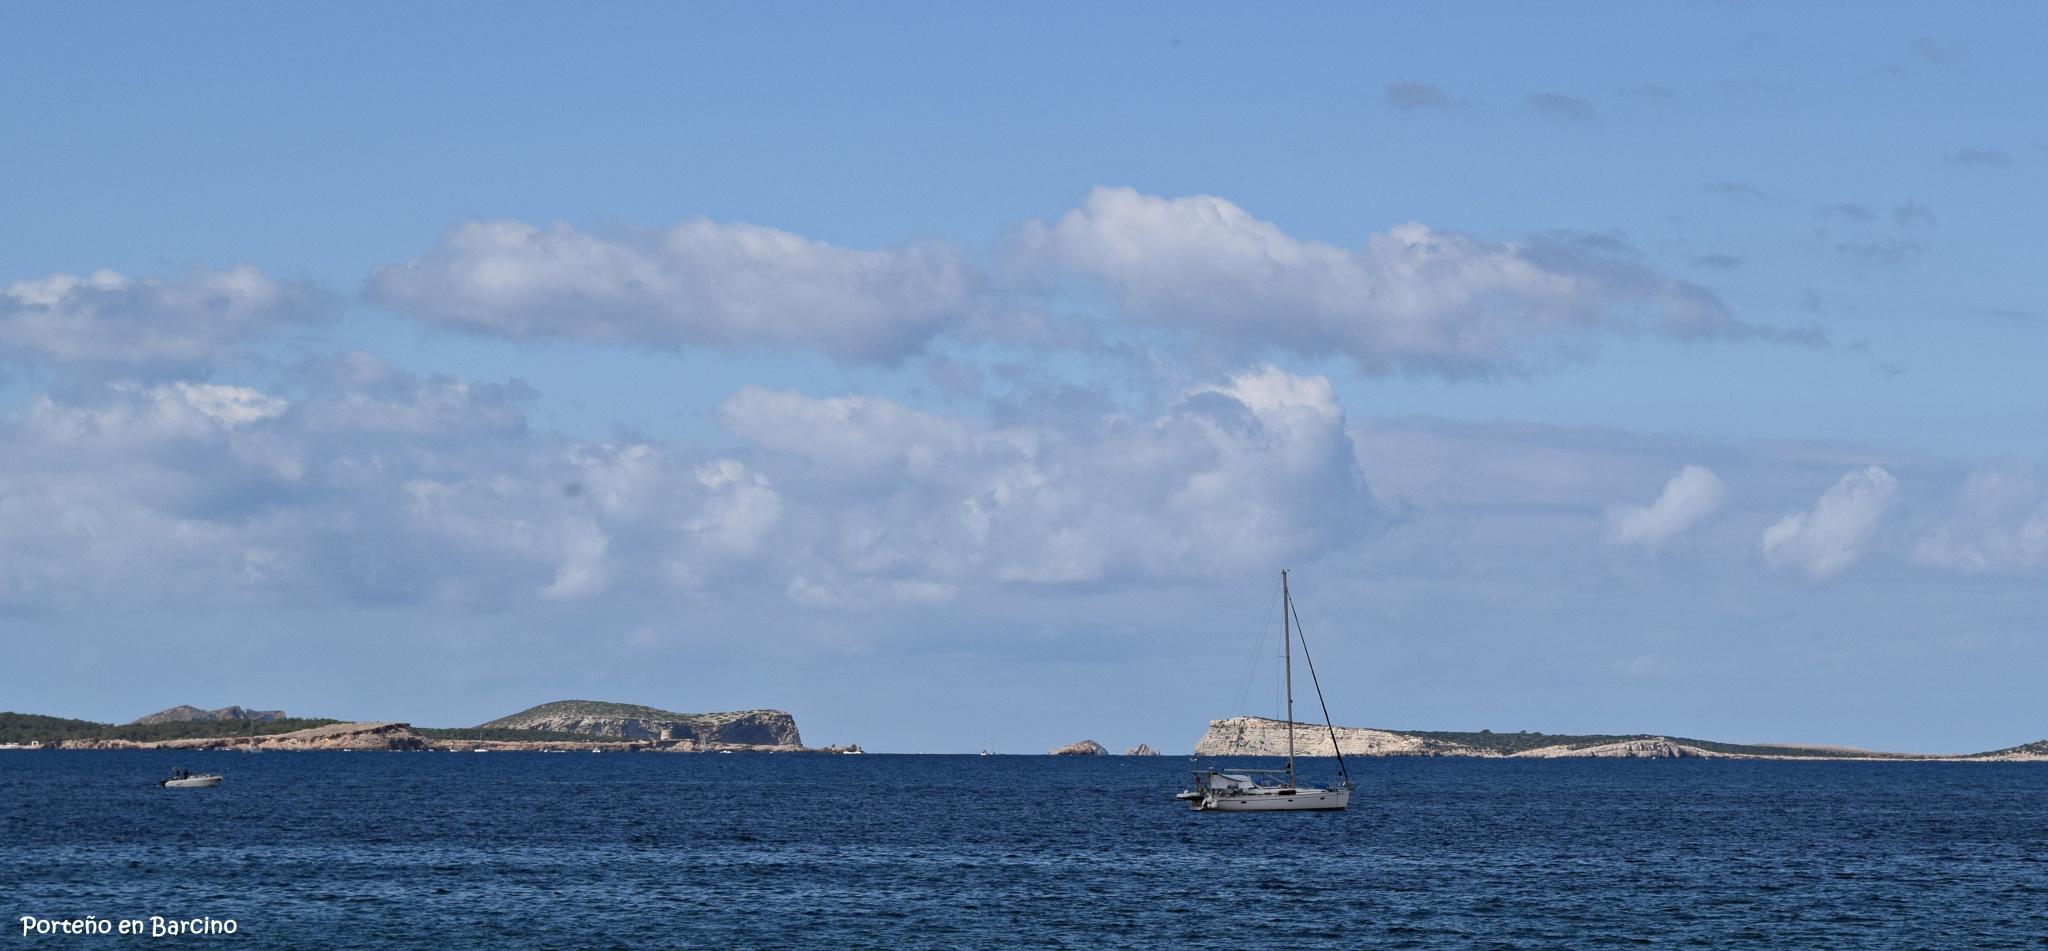 Sailing morning by PortenyoBarcino